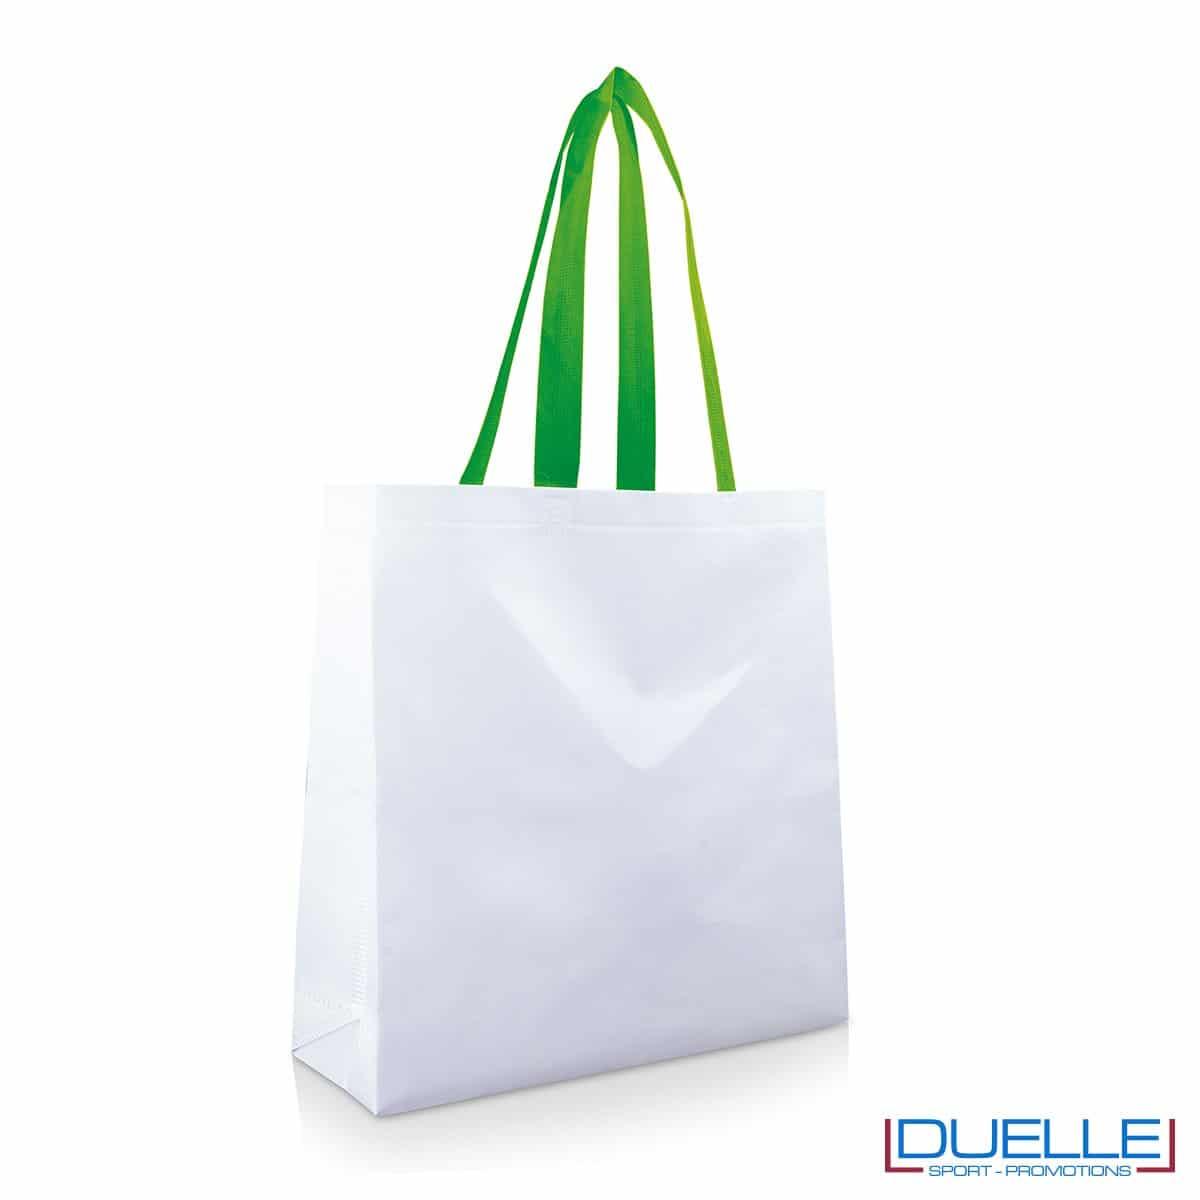 Shopper personalizzata in TNT laminato con manici verdi